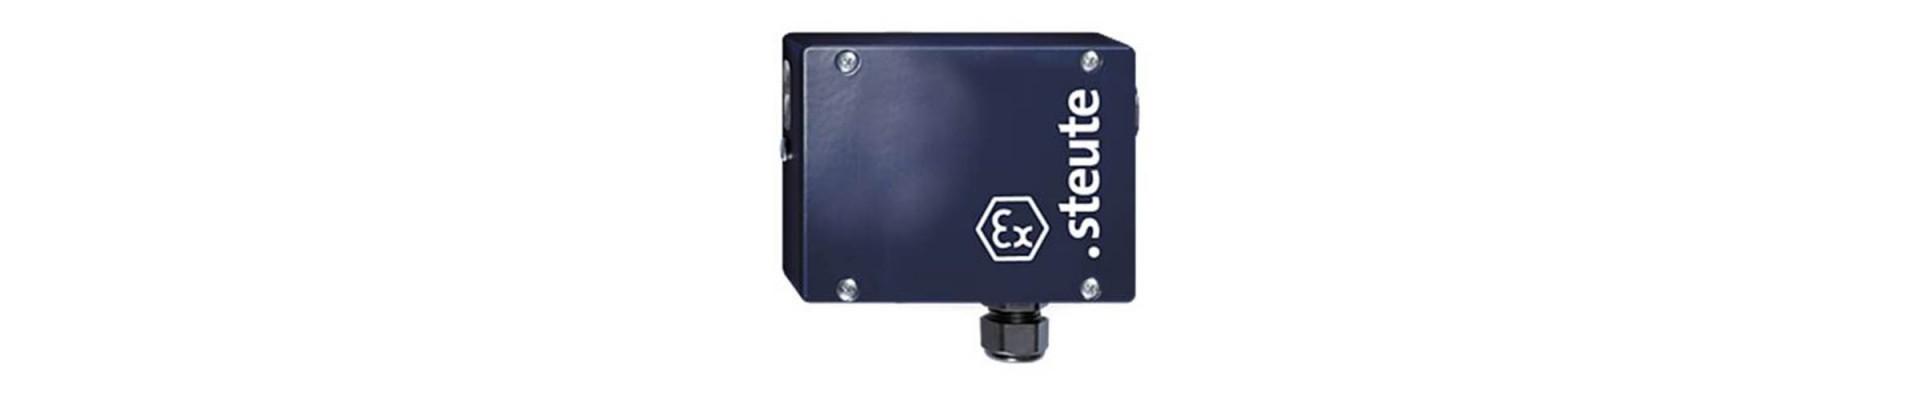 Avertisseur lumineux industriels et ATEX : feux flash - A2S